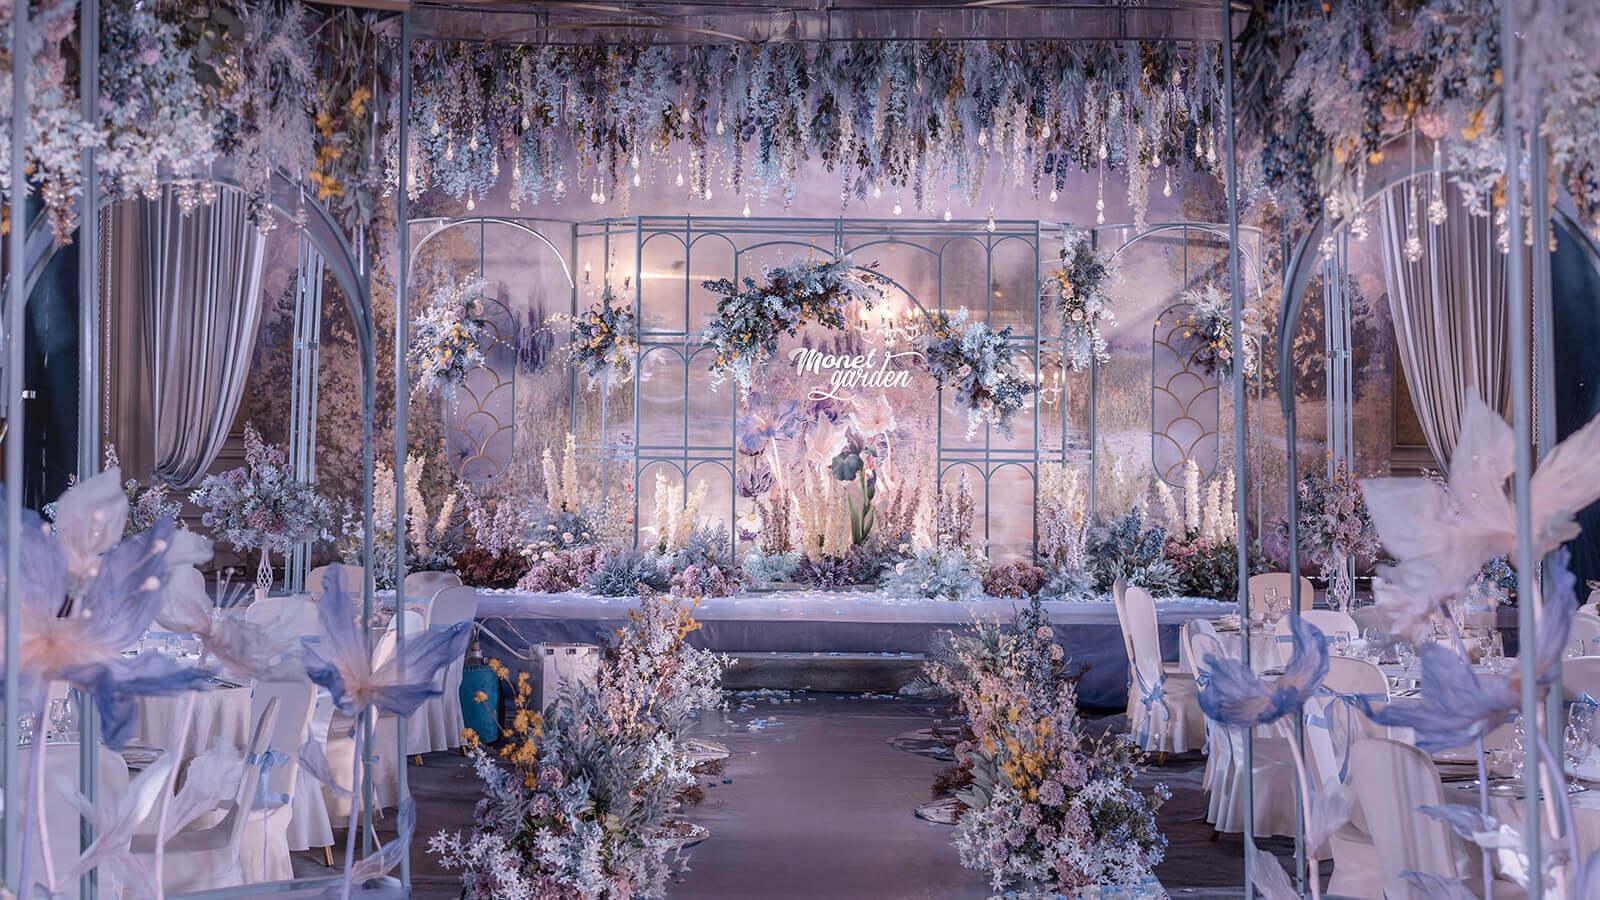 新泰市婚礼策划方案:莫奈